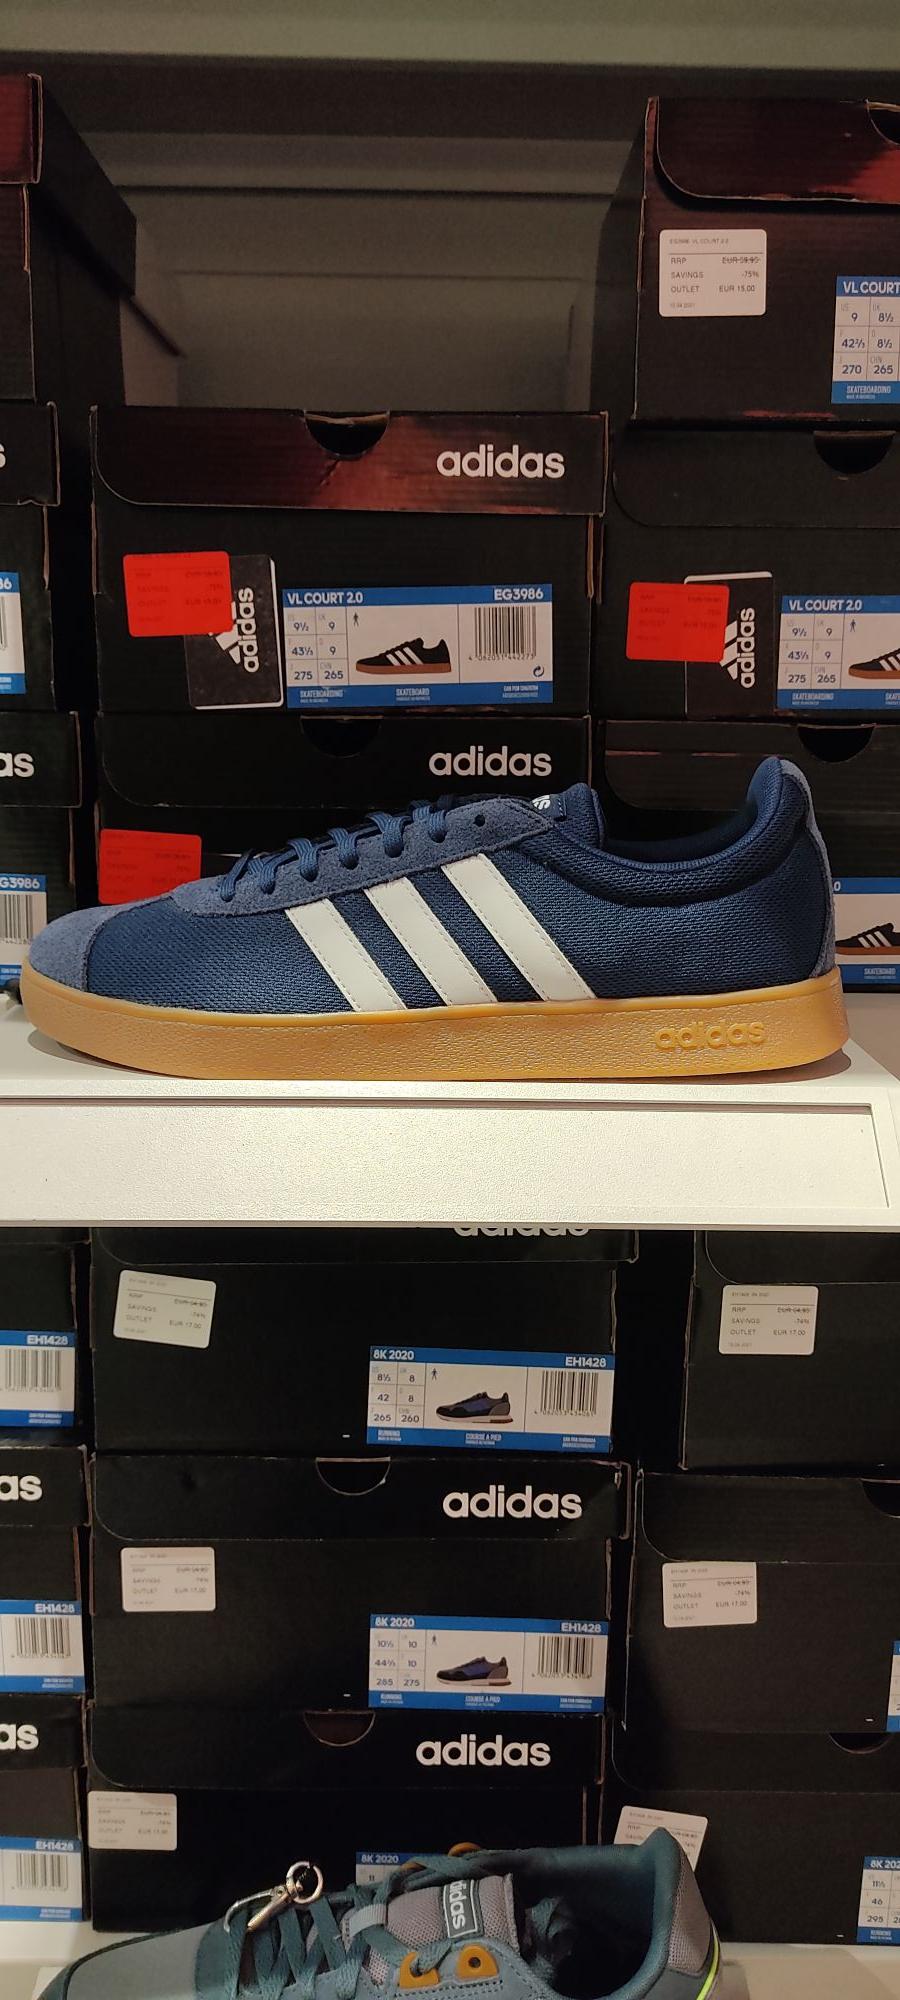 Zapatillas Adidas vl court 2.0 skate en la tienda Adidas del Factory de las Rozas (Madrid)